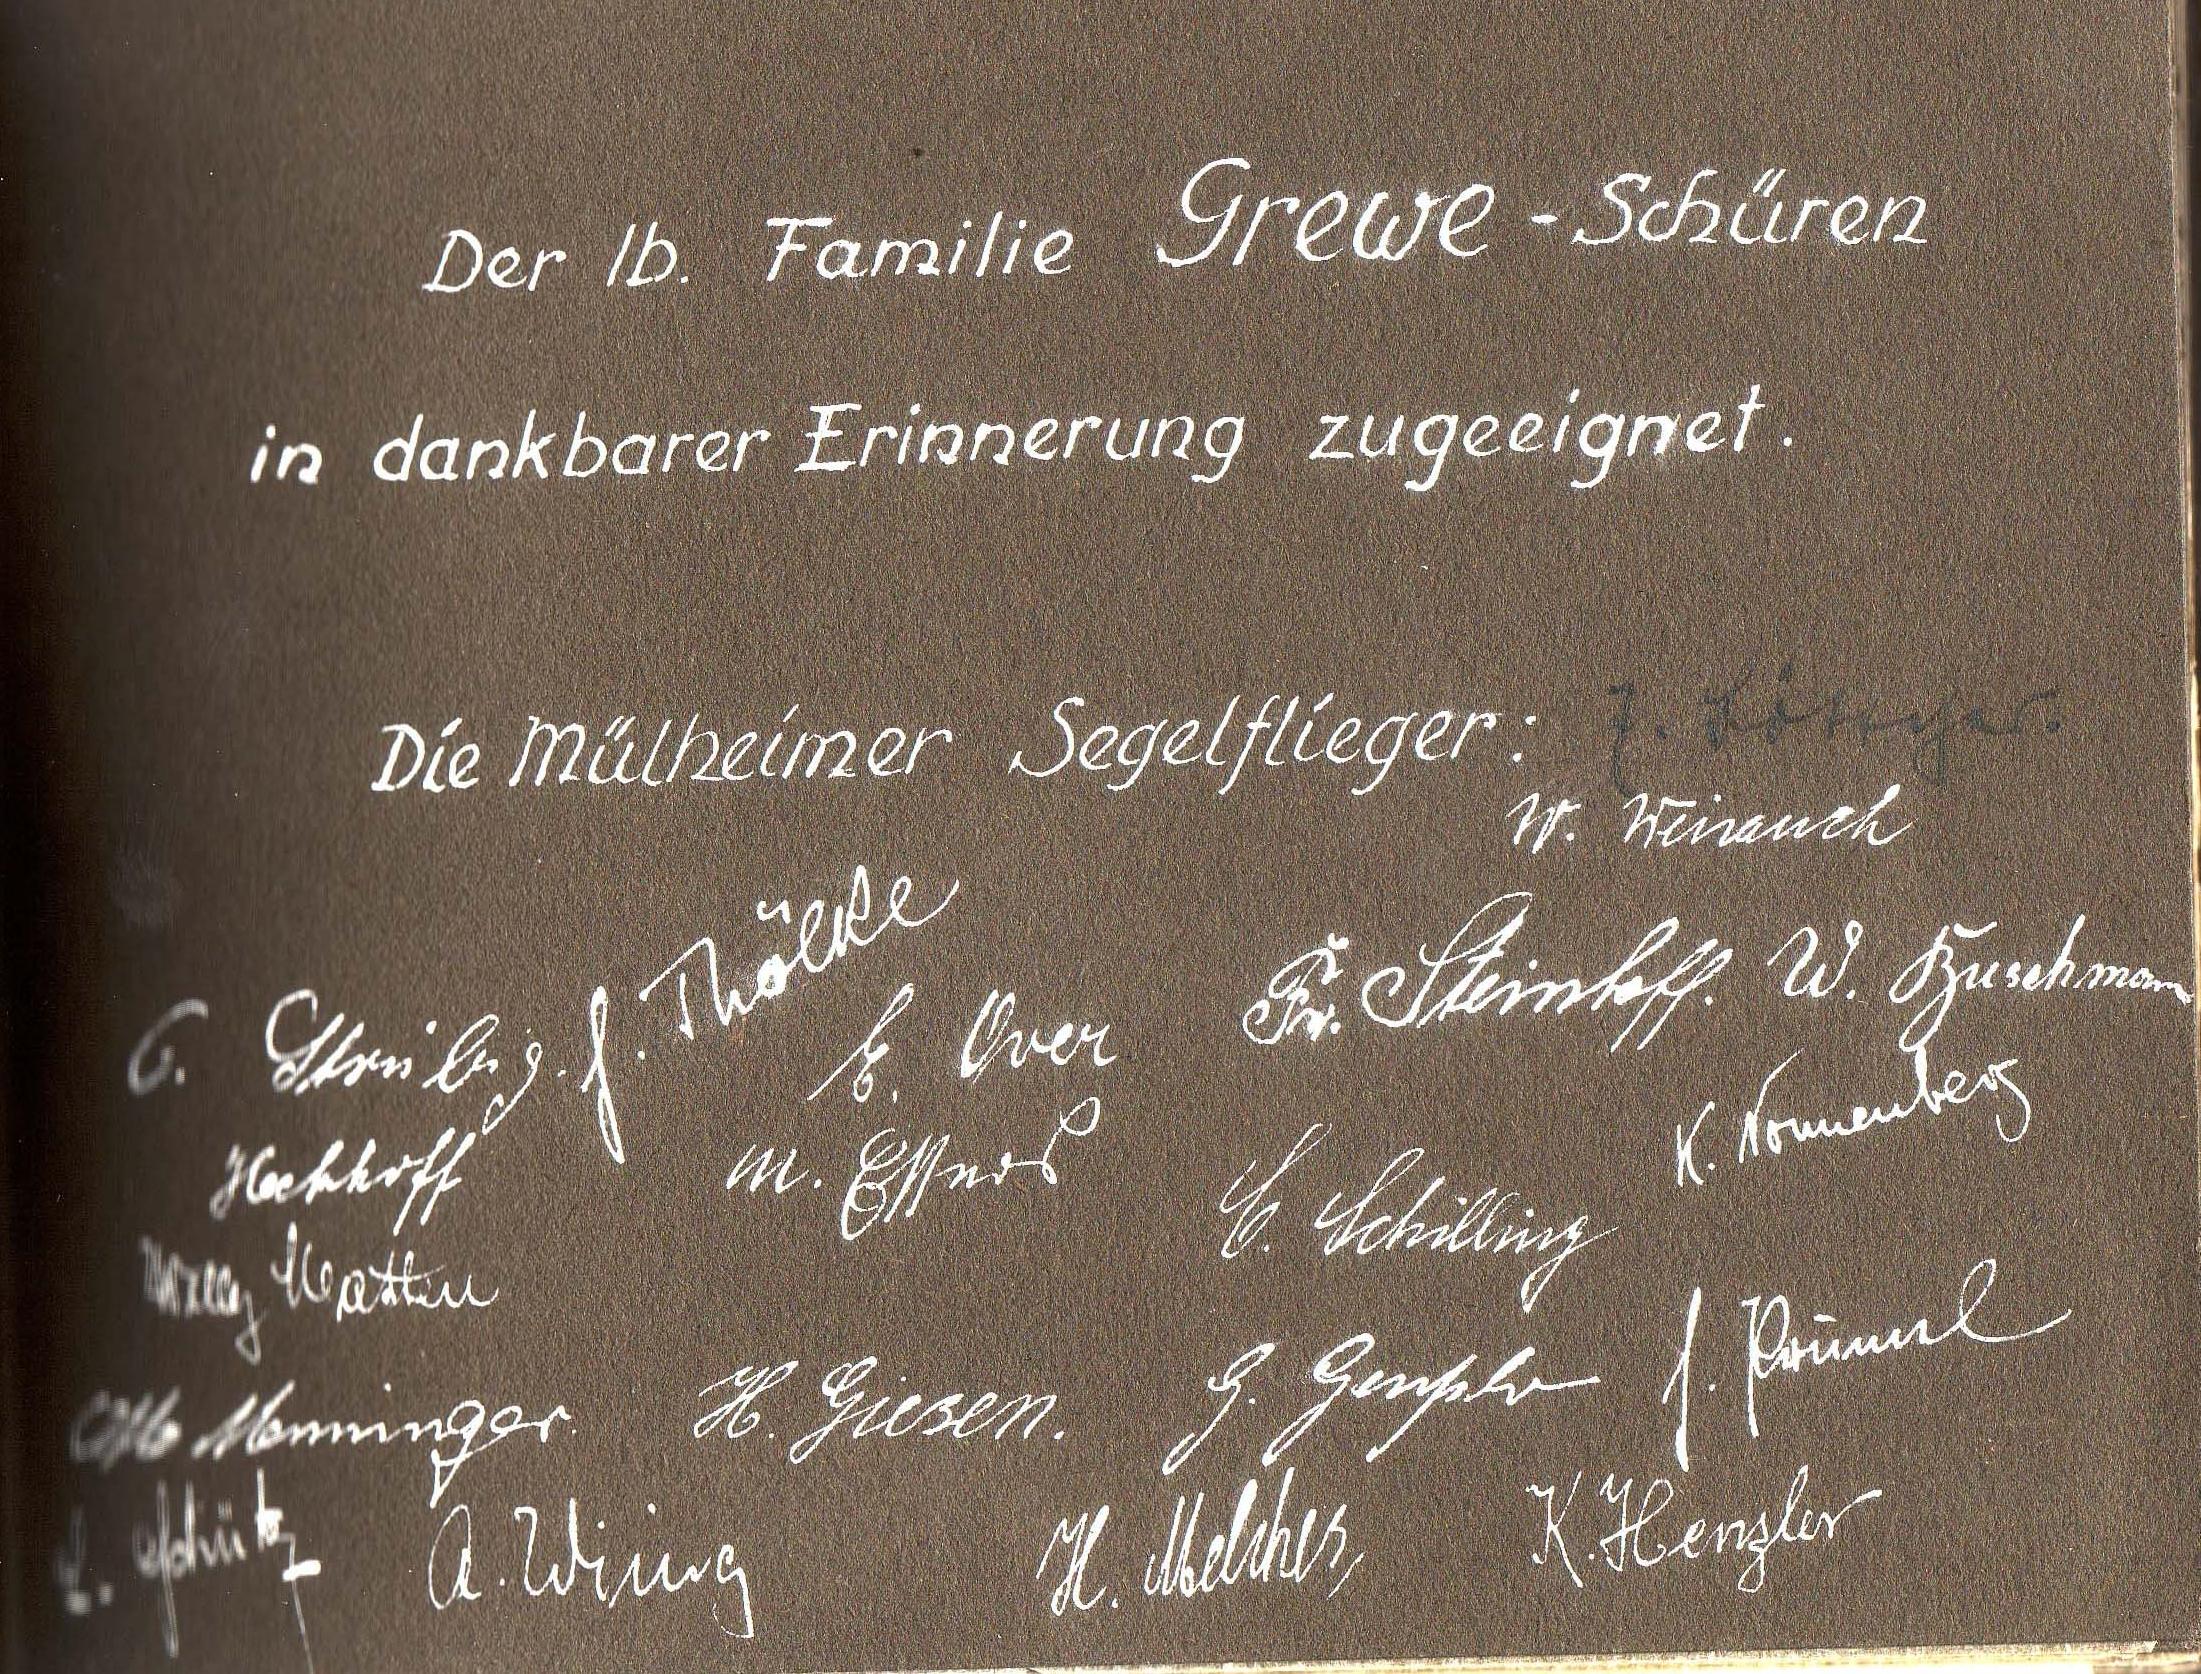 Die Mülheimer danken Familie Grewe